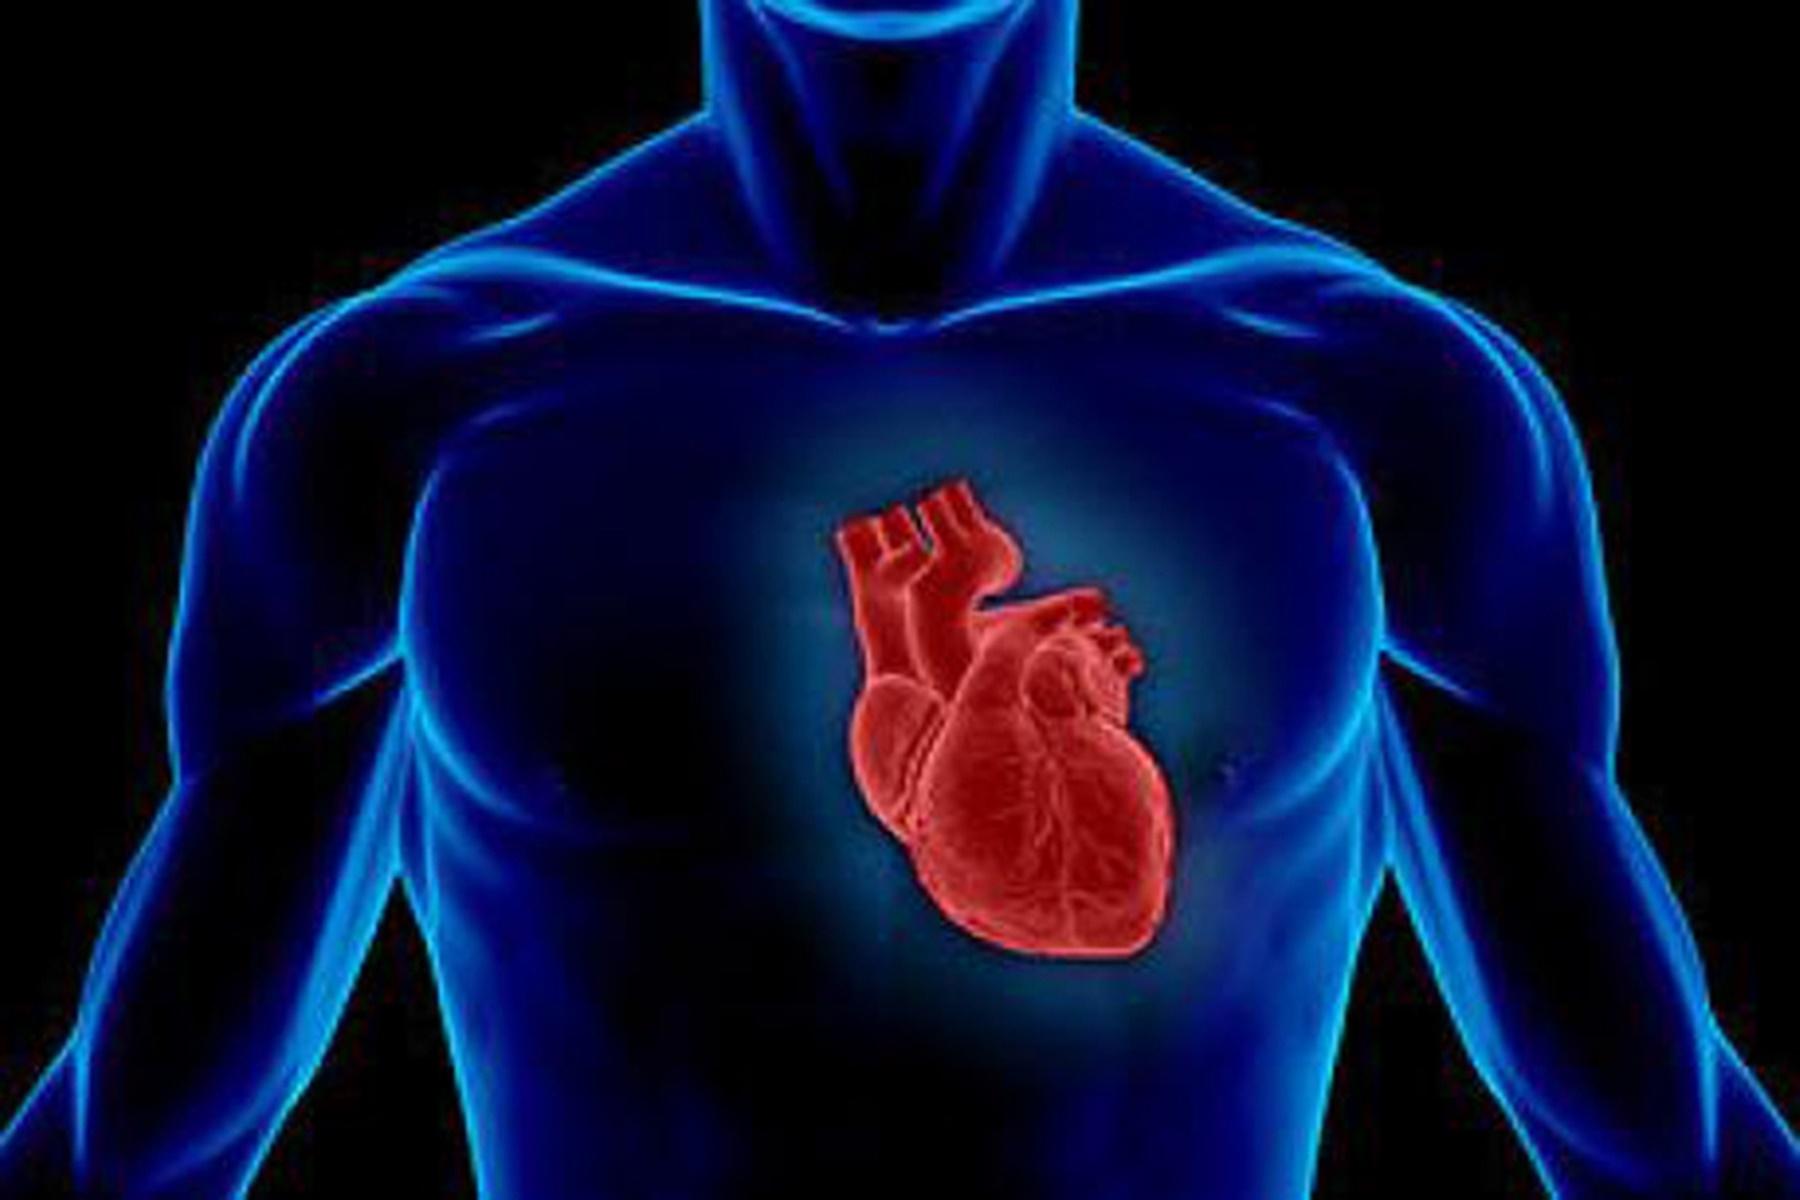 Κορωνοιός : Ποιο ευάλωτα τα άτομα με καρδιακές παθήσεις